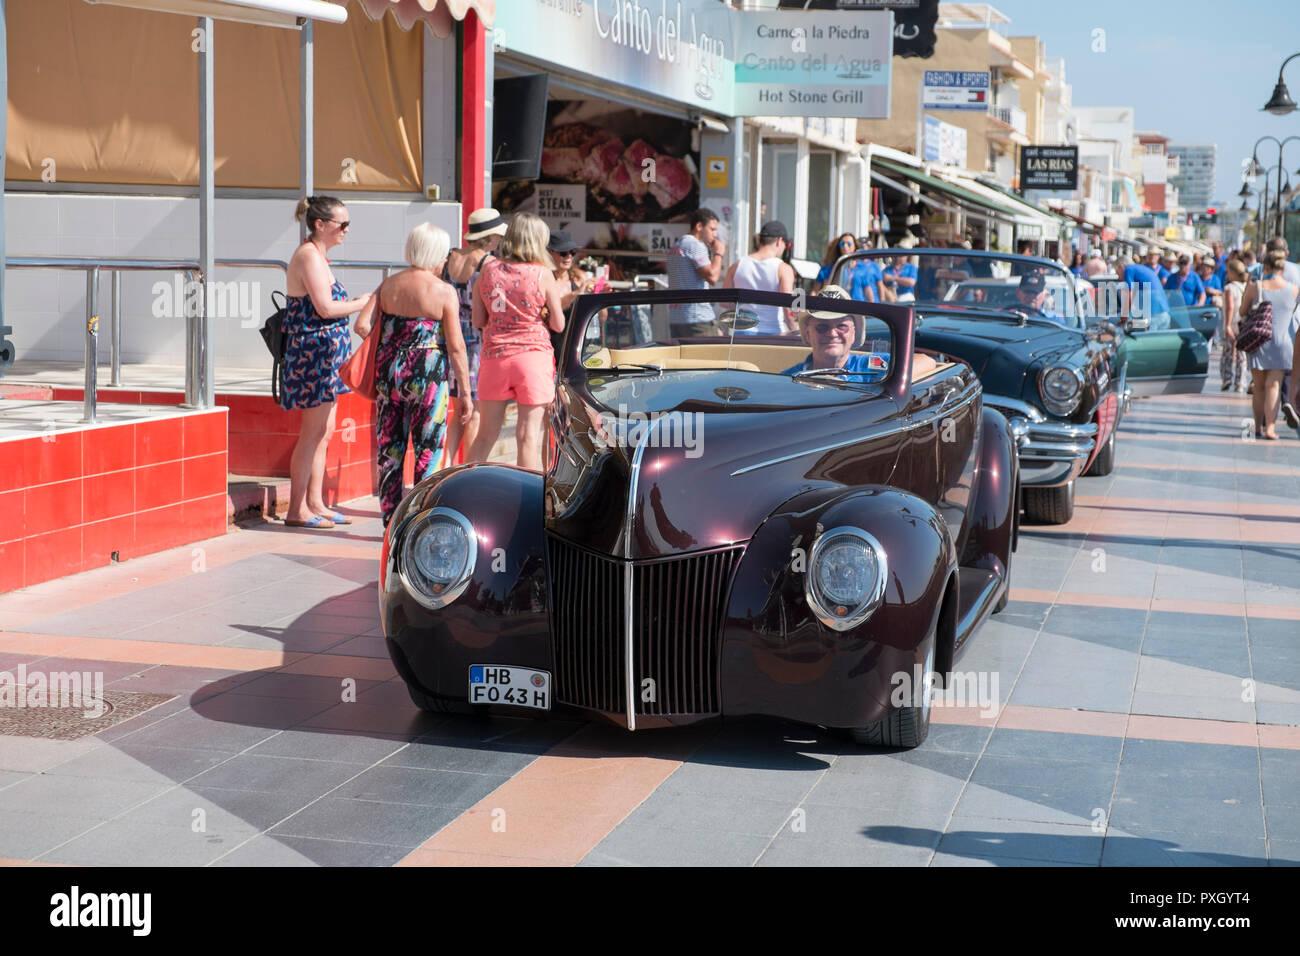 Nosotros tuned coche en coche clásico celebrada en Torremolinos, Málaga, España Foto de stock